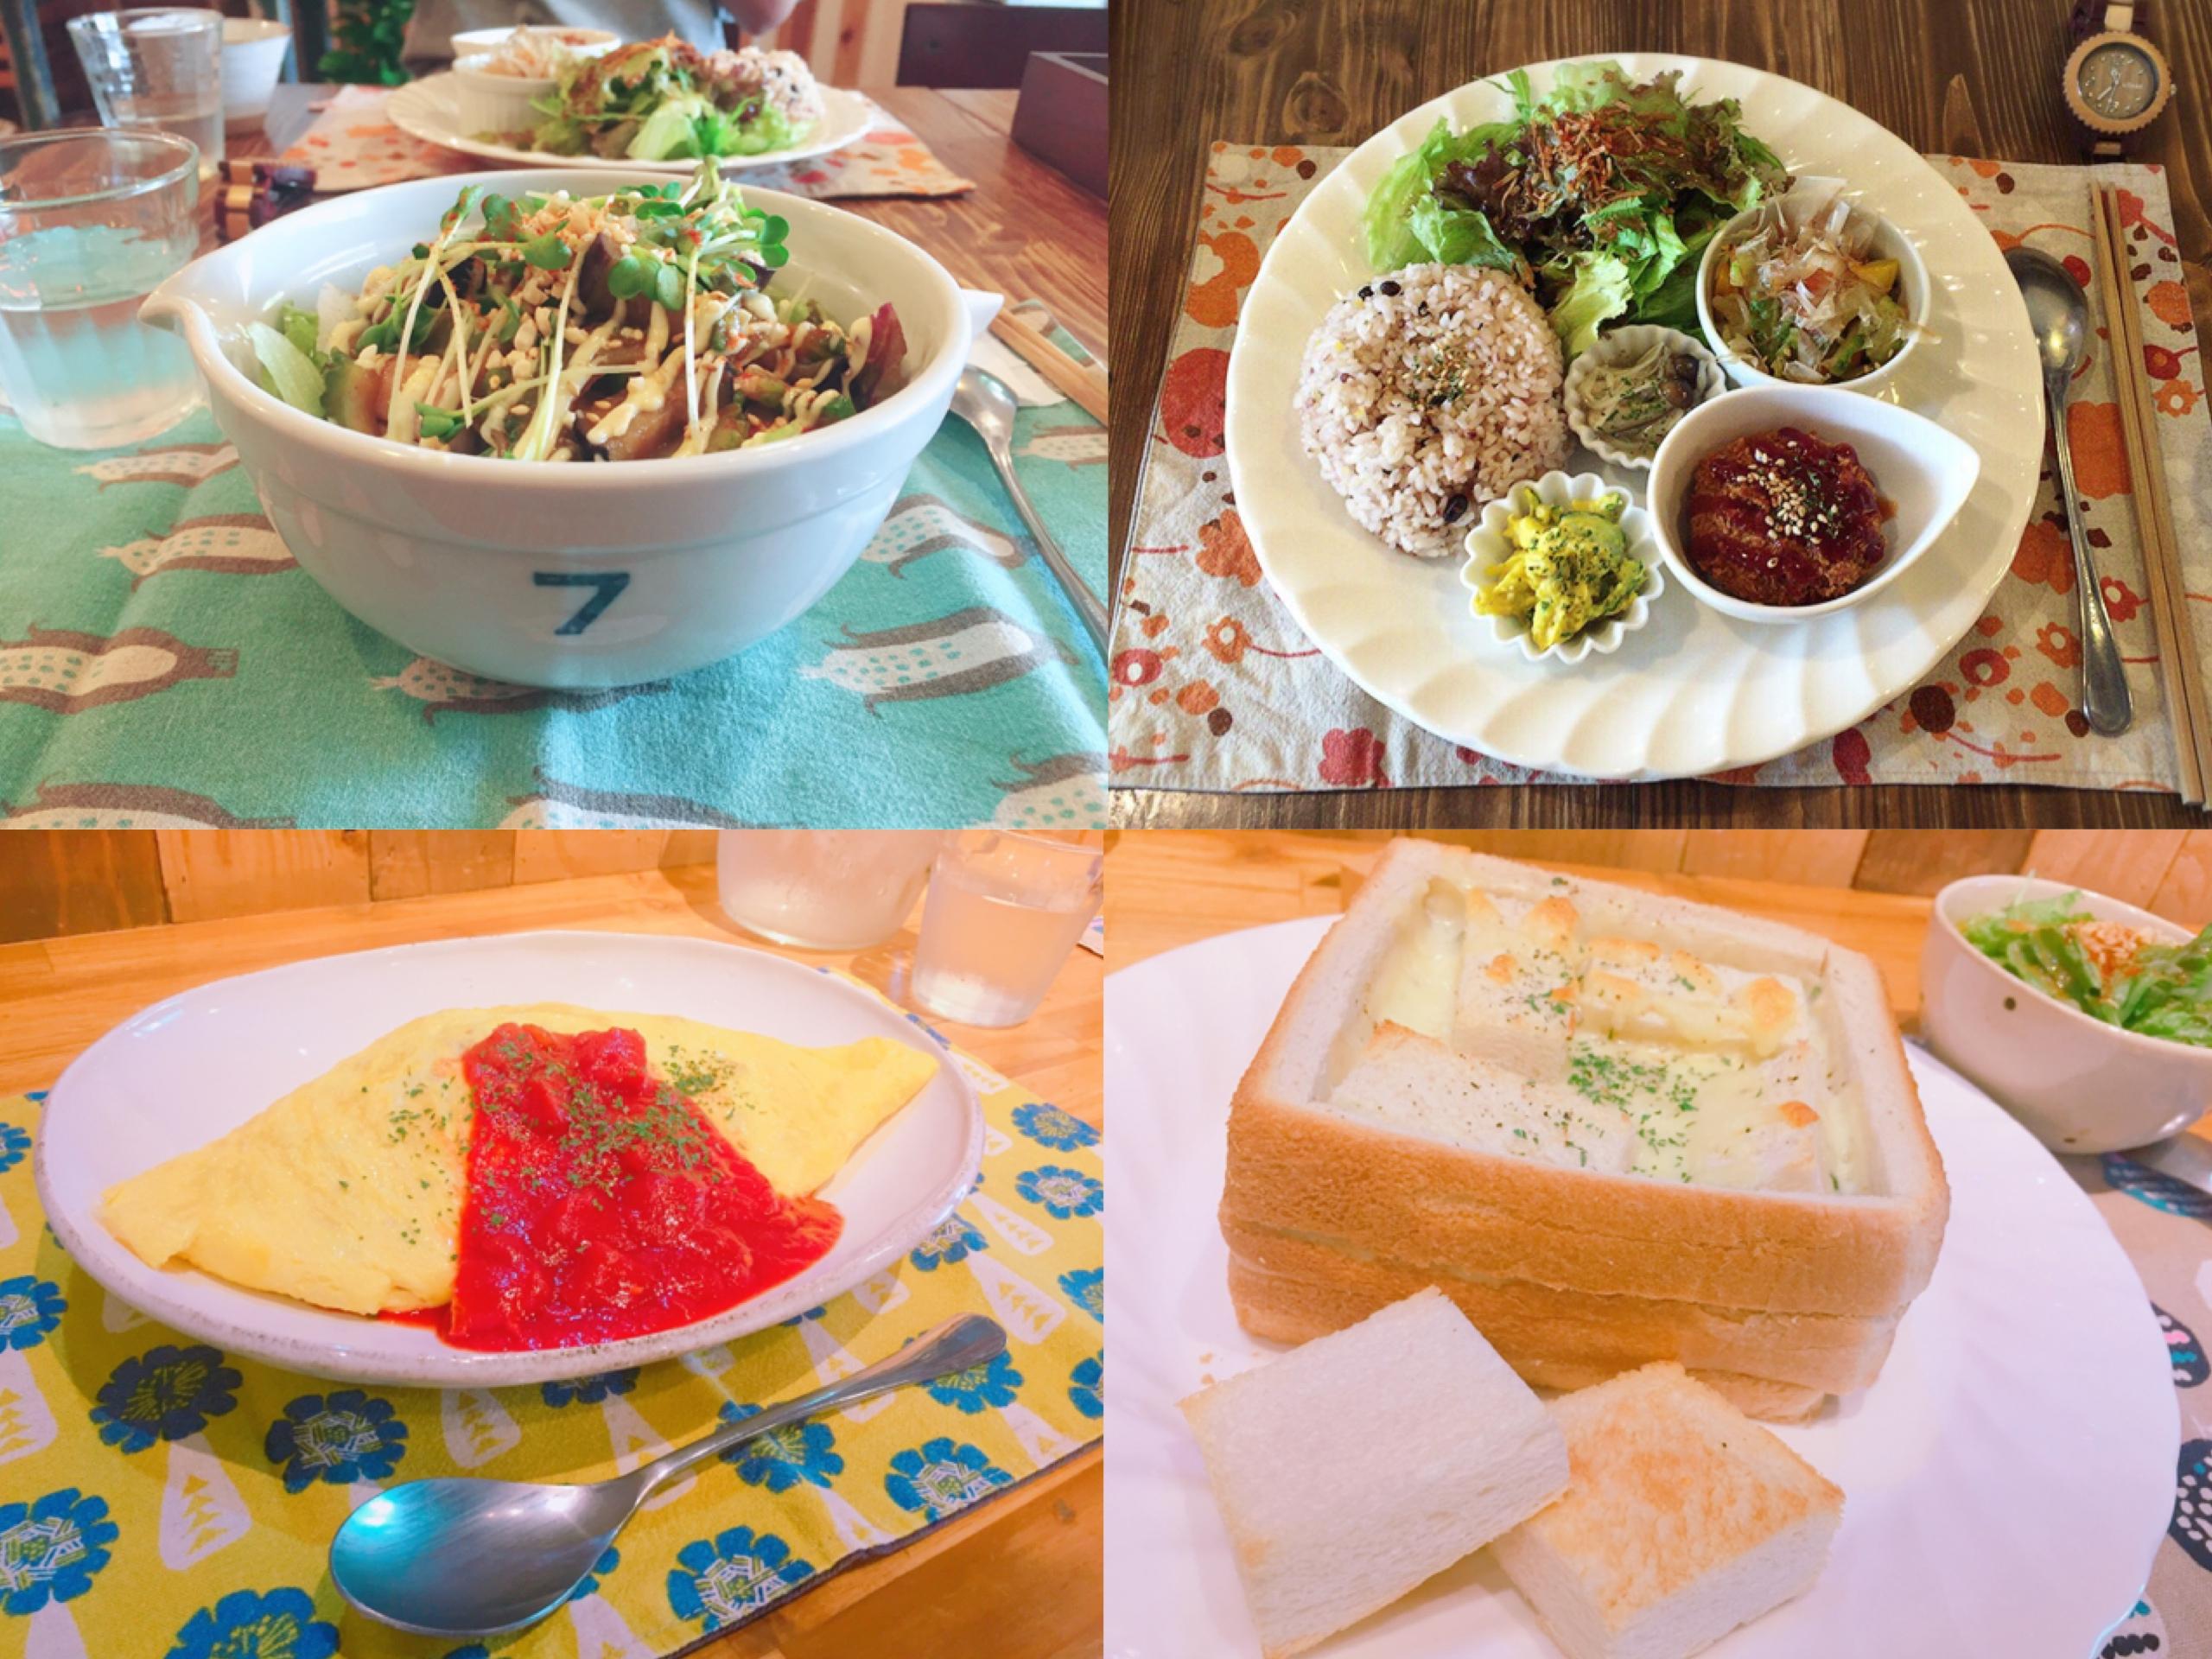 【閉店】上前津のかわいすぎる小さなカフェ「カフェ イチトニブンノイチ」に行ってきた - IMG 7142